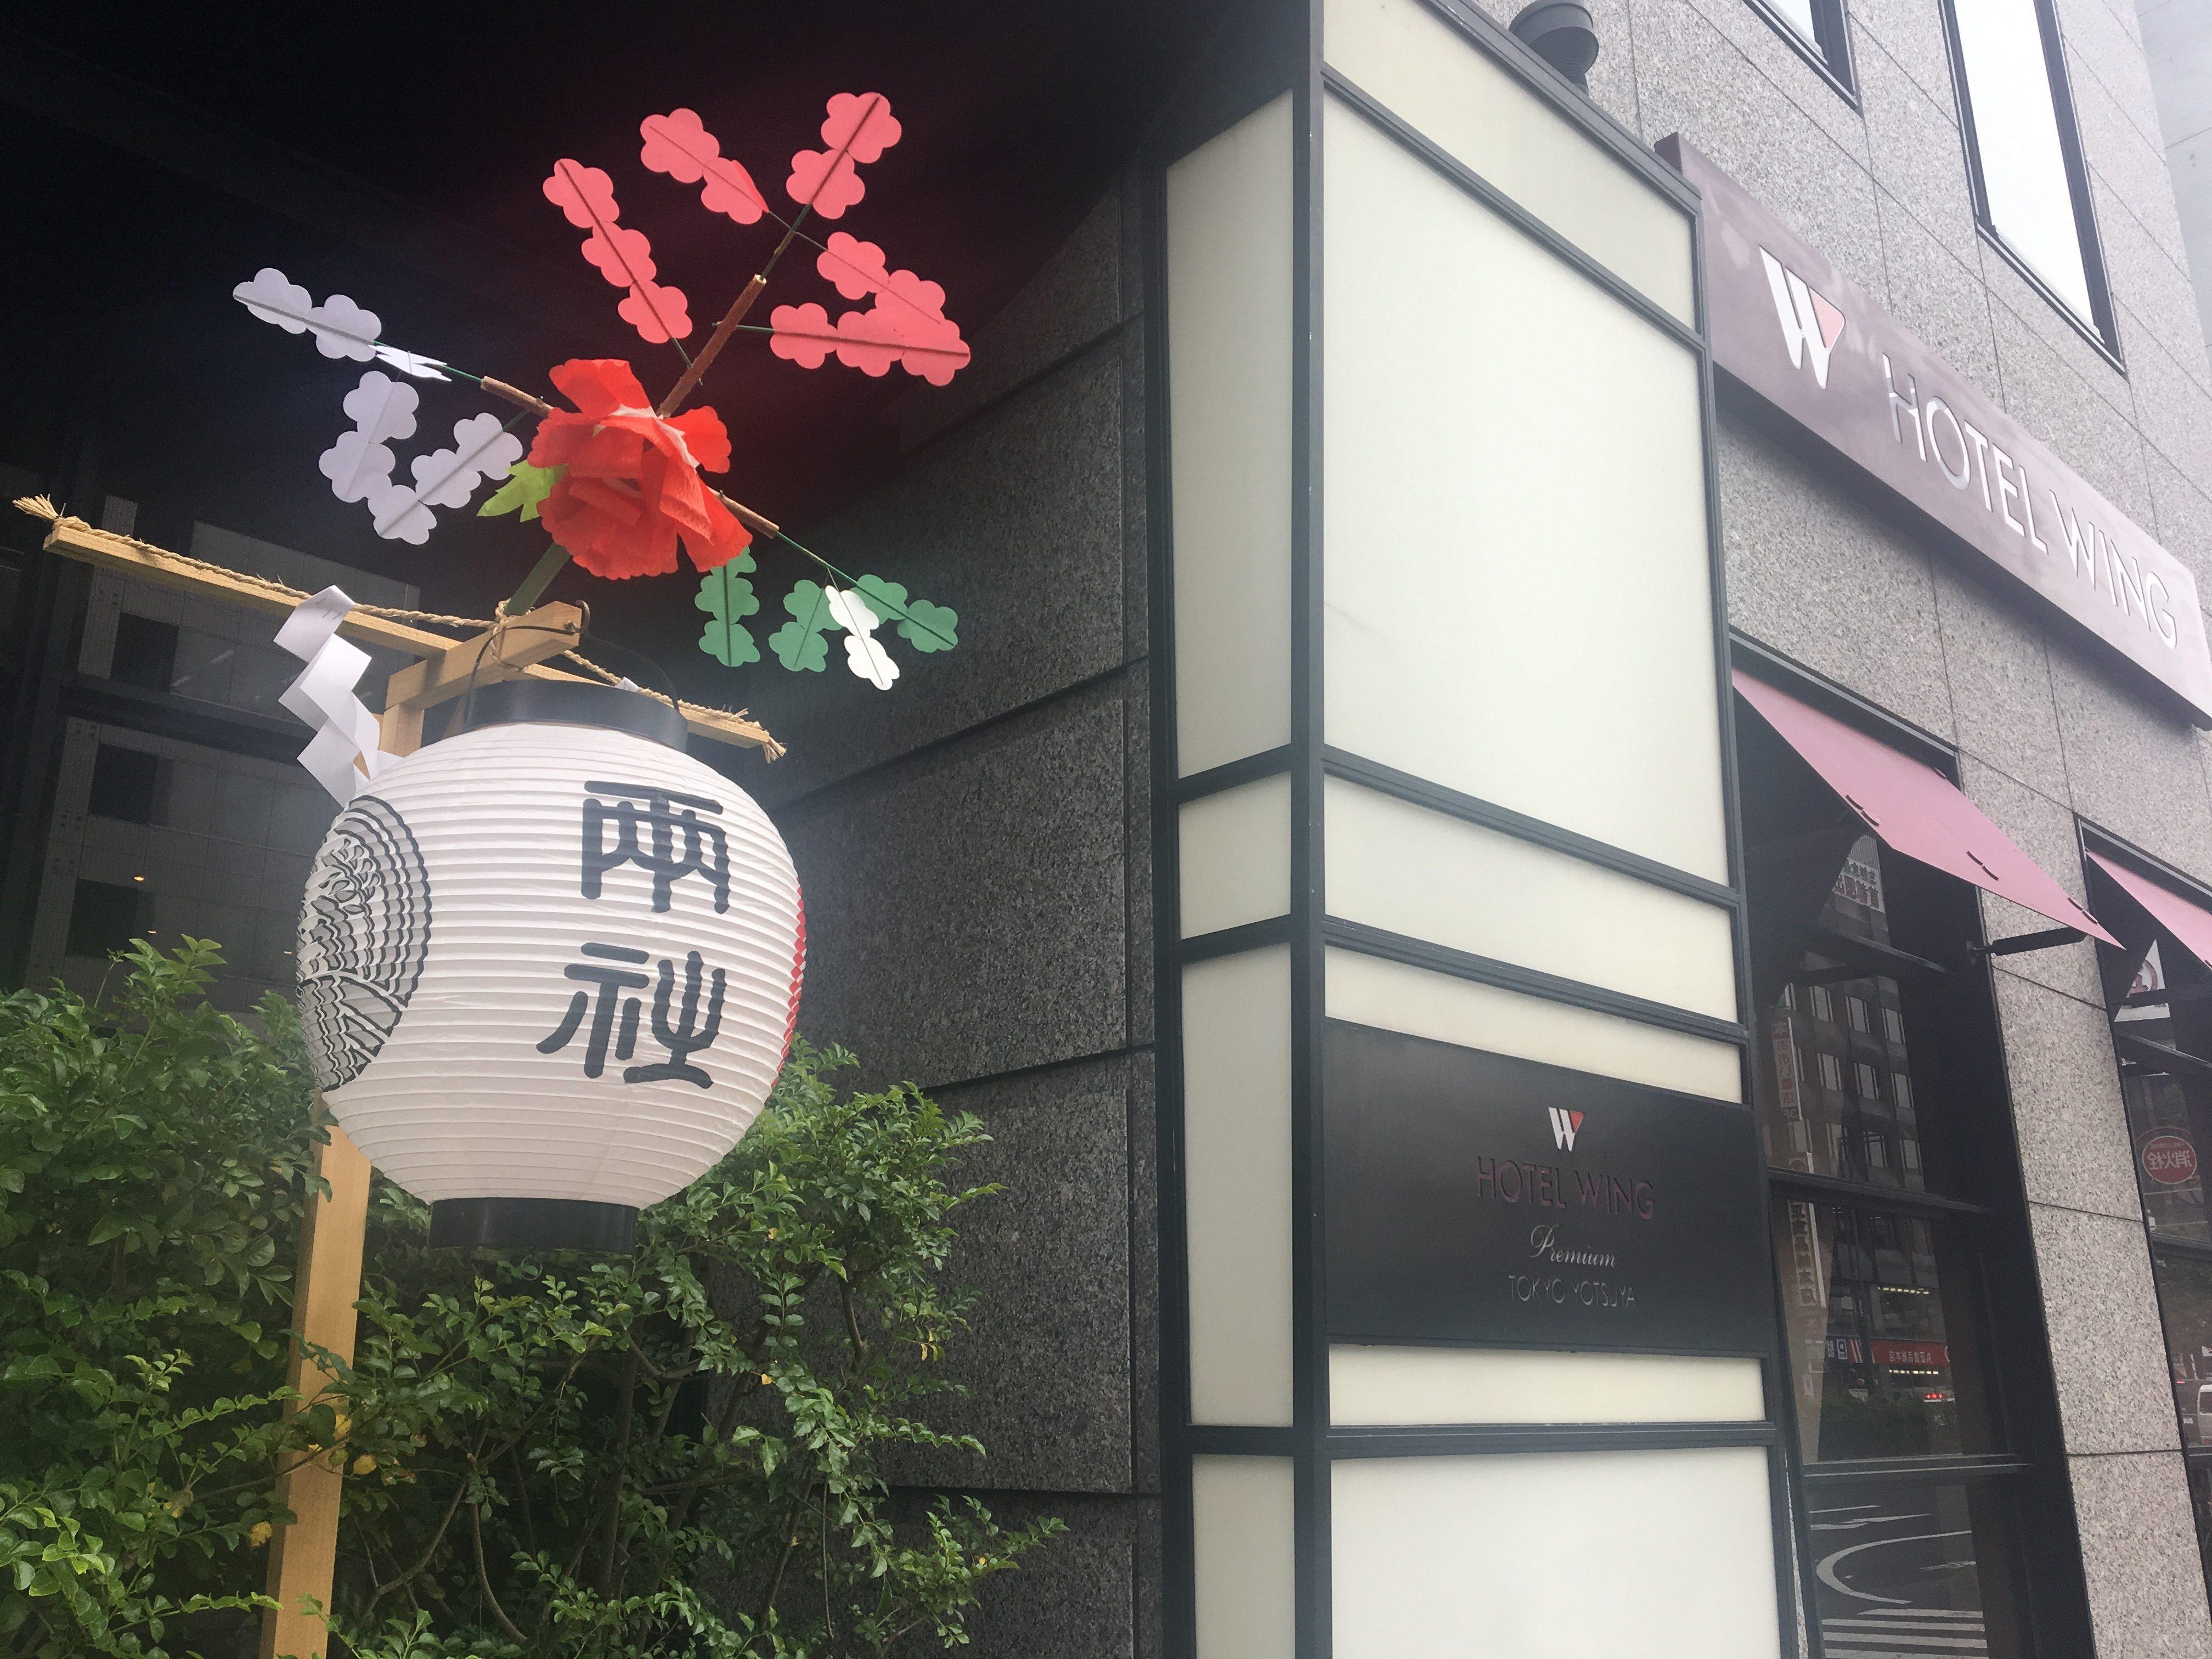 ホテルウィングインターナショナルプレミアム東京四谷 ブログ